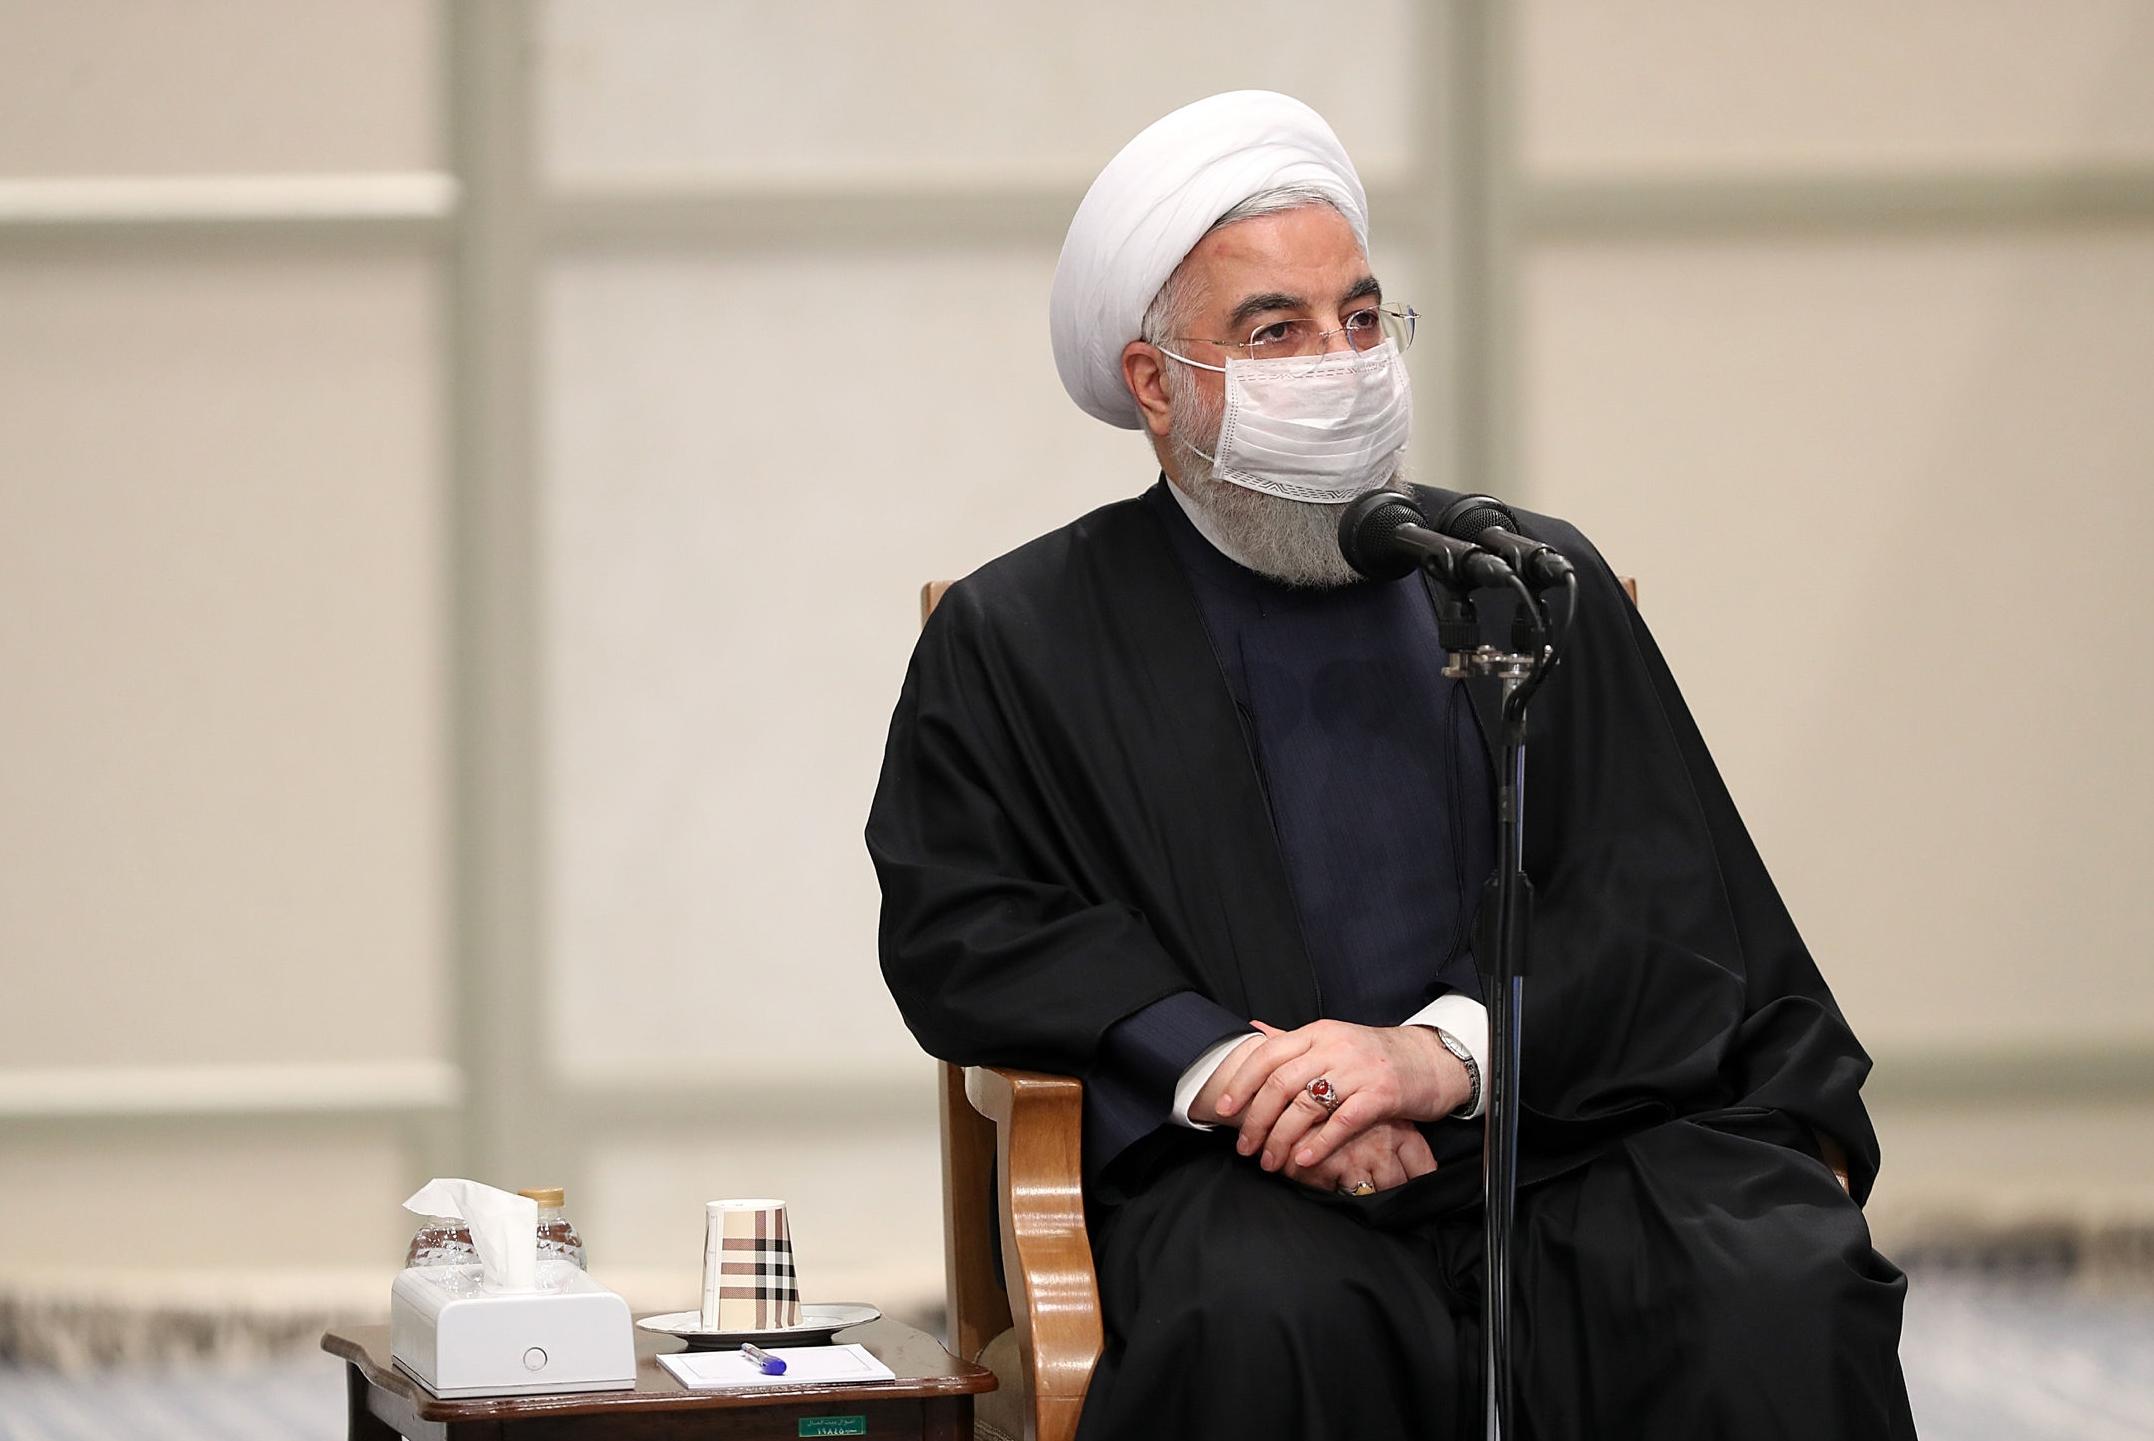 Urándúsításról döntött az iráni törvényhozás